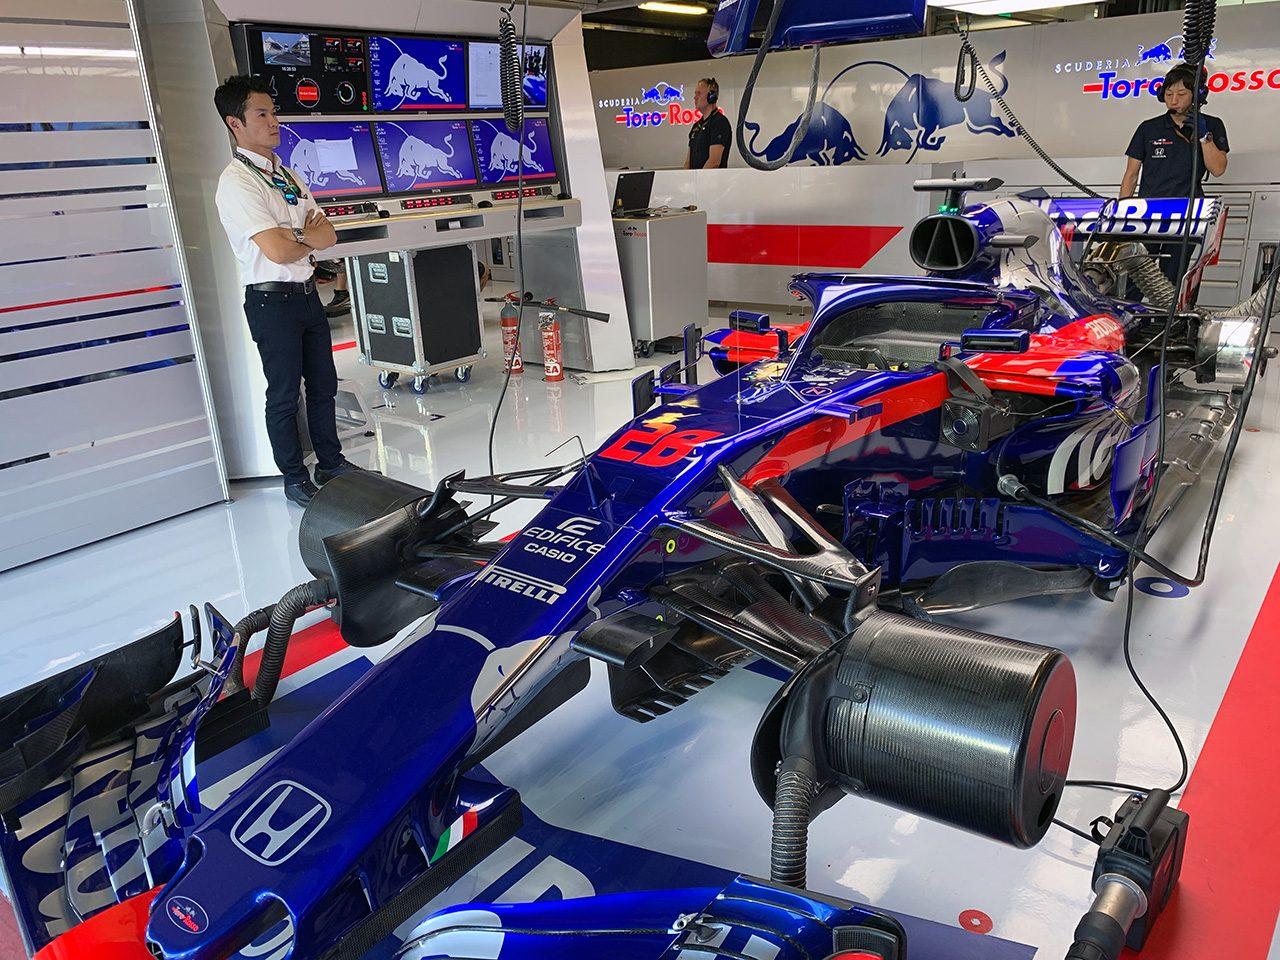 2018年F1第21戦アブダビGPの現地を訪れた山本尚貴